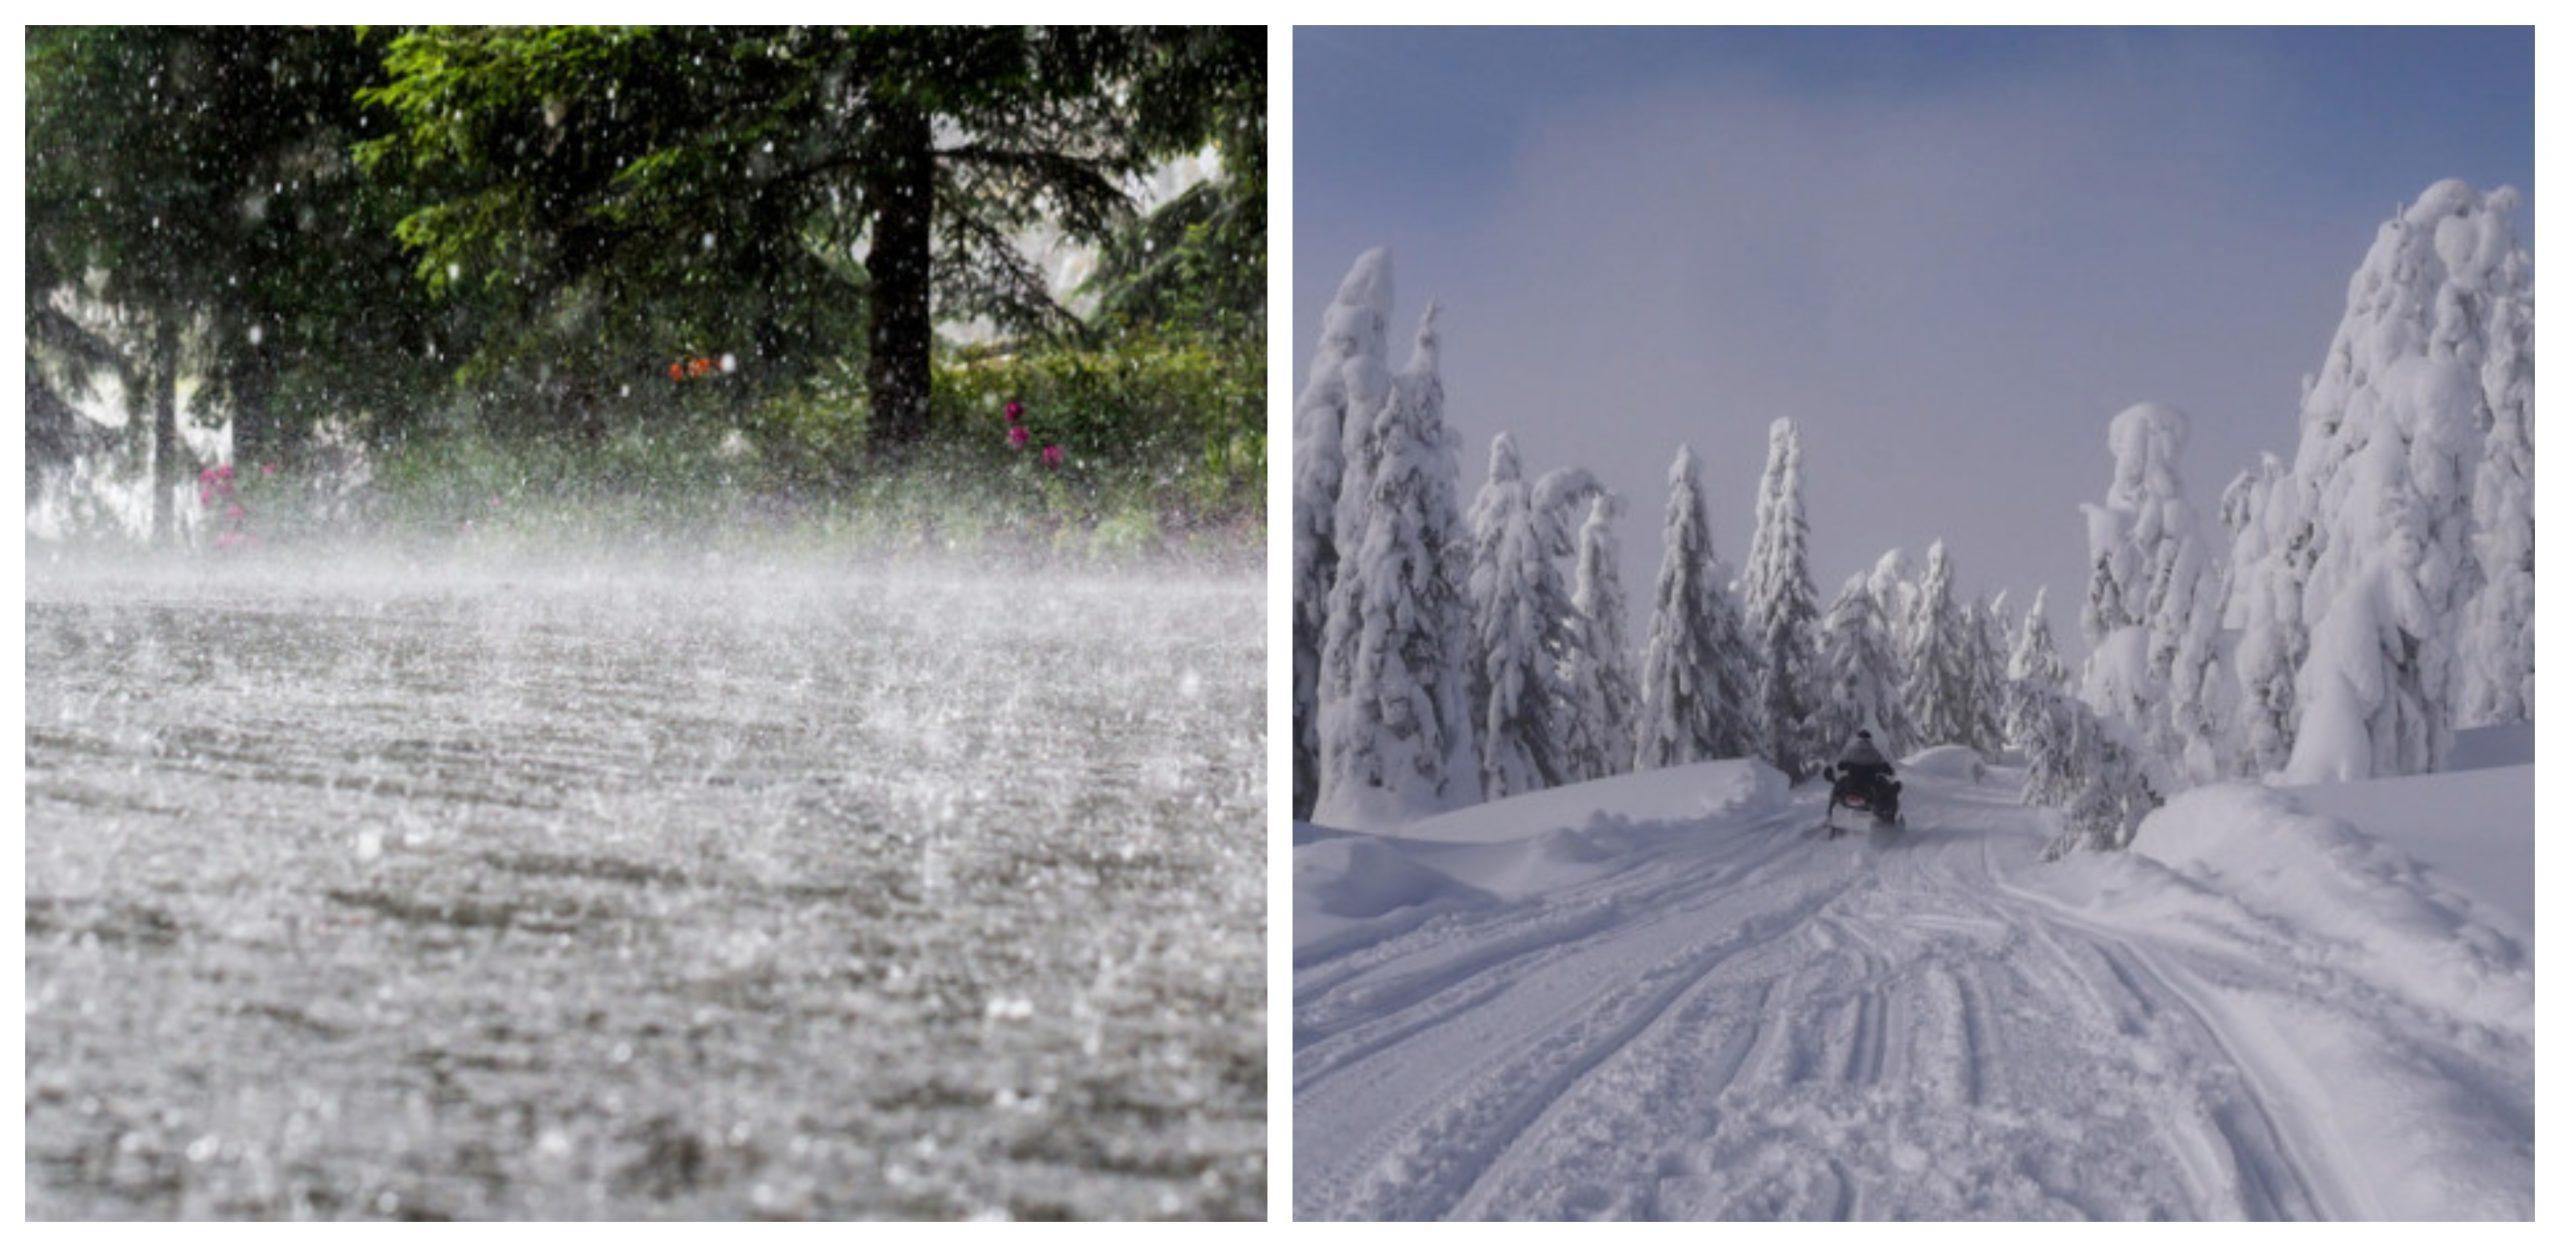 Nouă avertizare de vreme rea din partea ANM. Cod galben de ninsori abundente și ploi